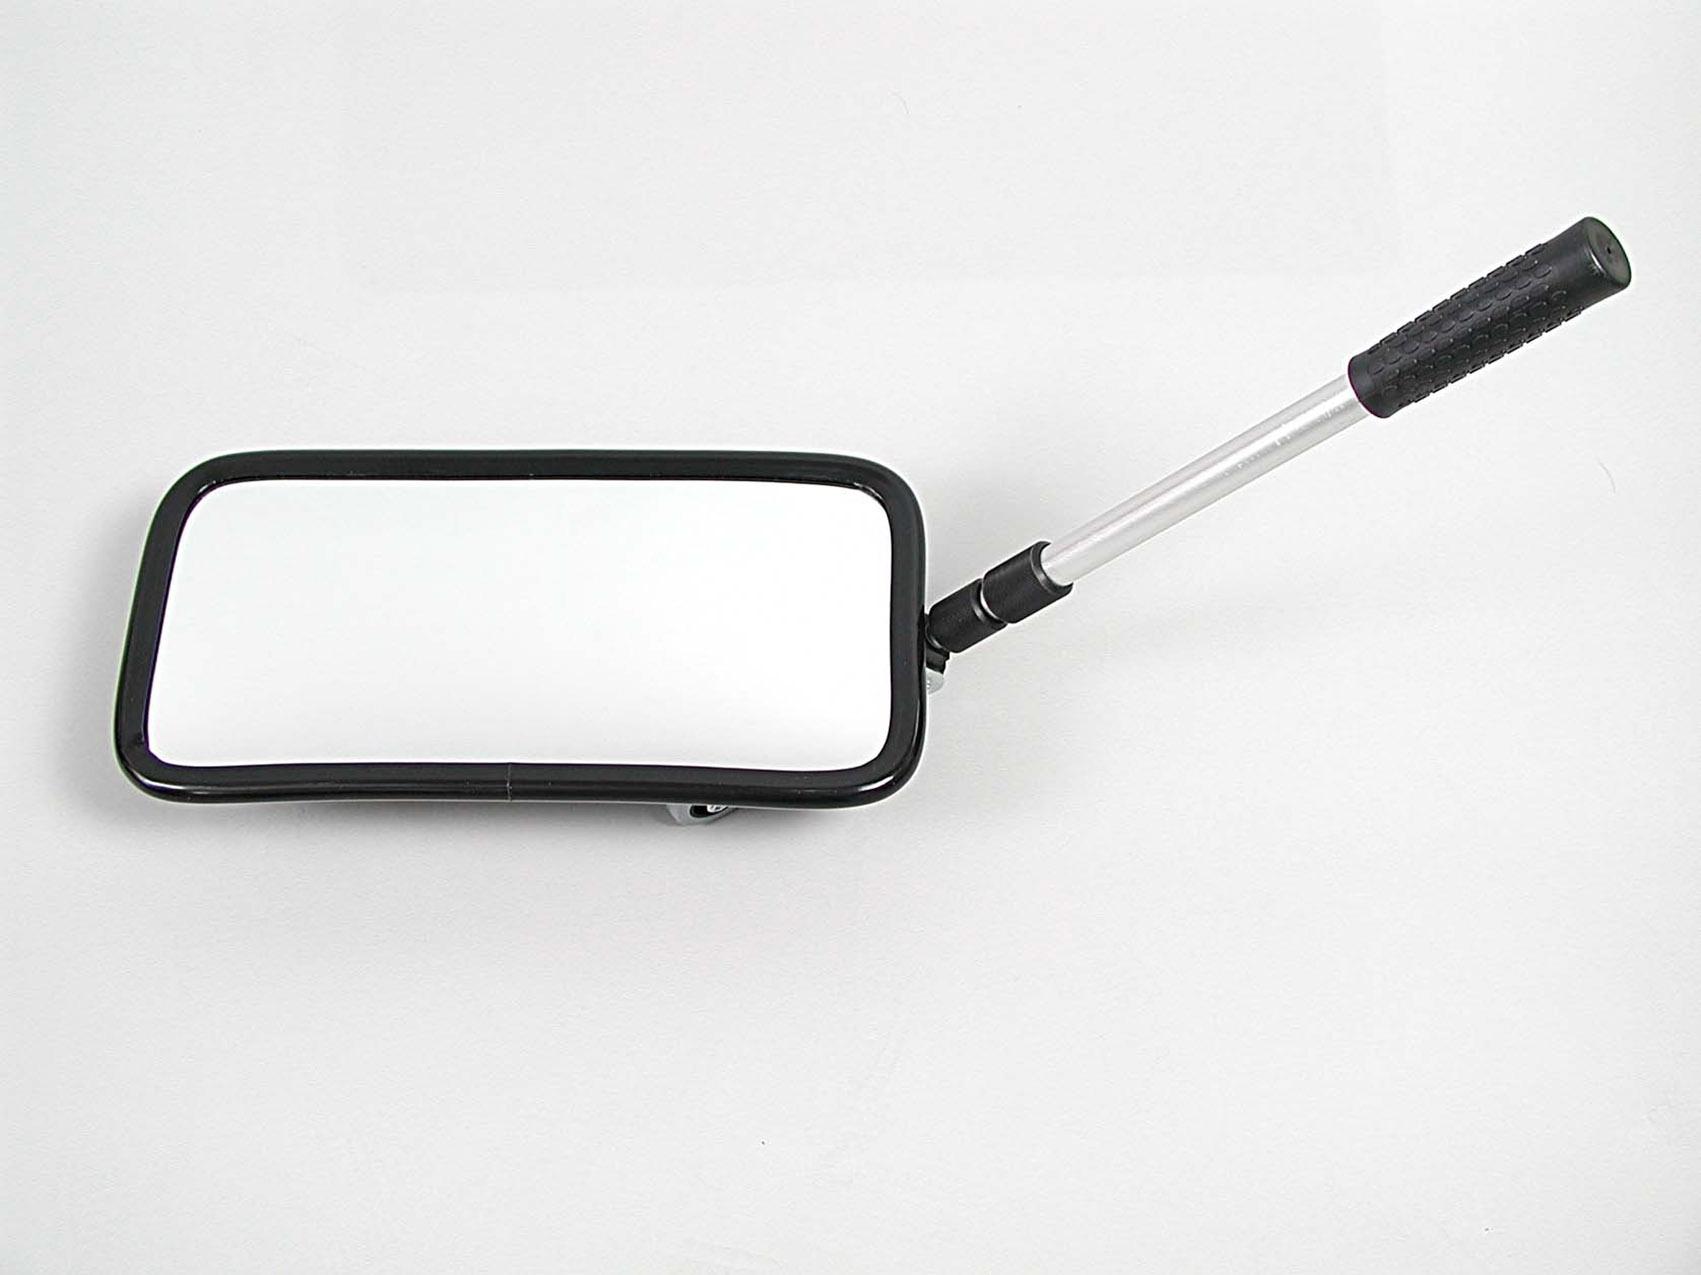 Inspektionsspiegel 20 × 40 cm, mit Rollenfüßen